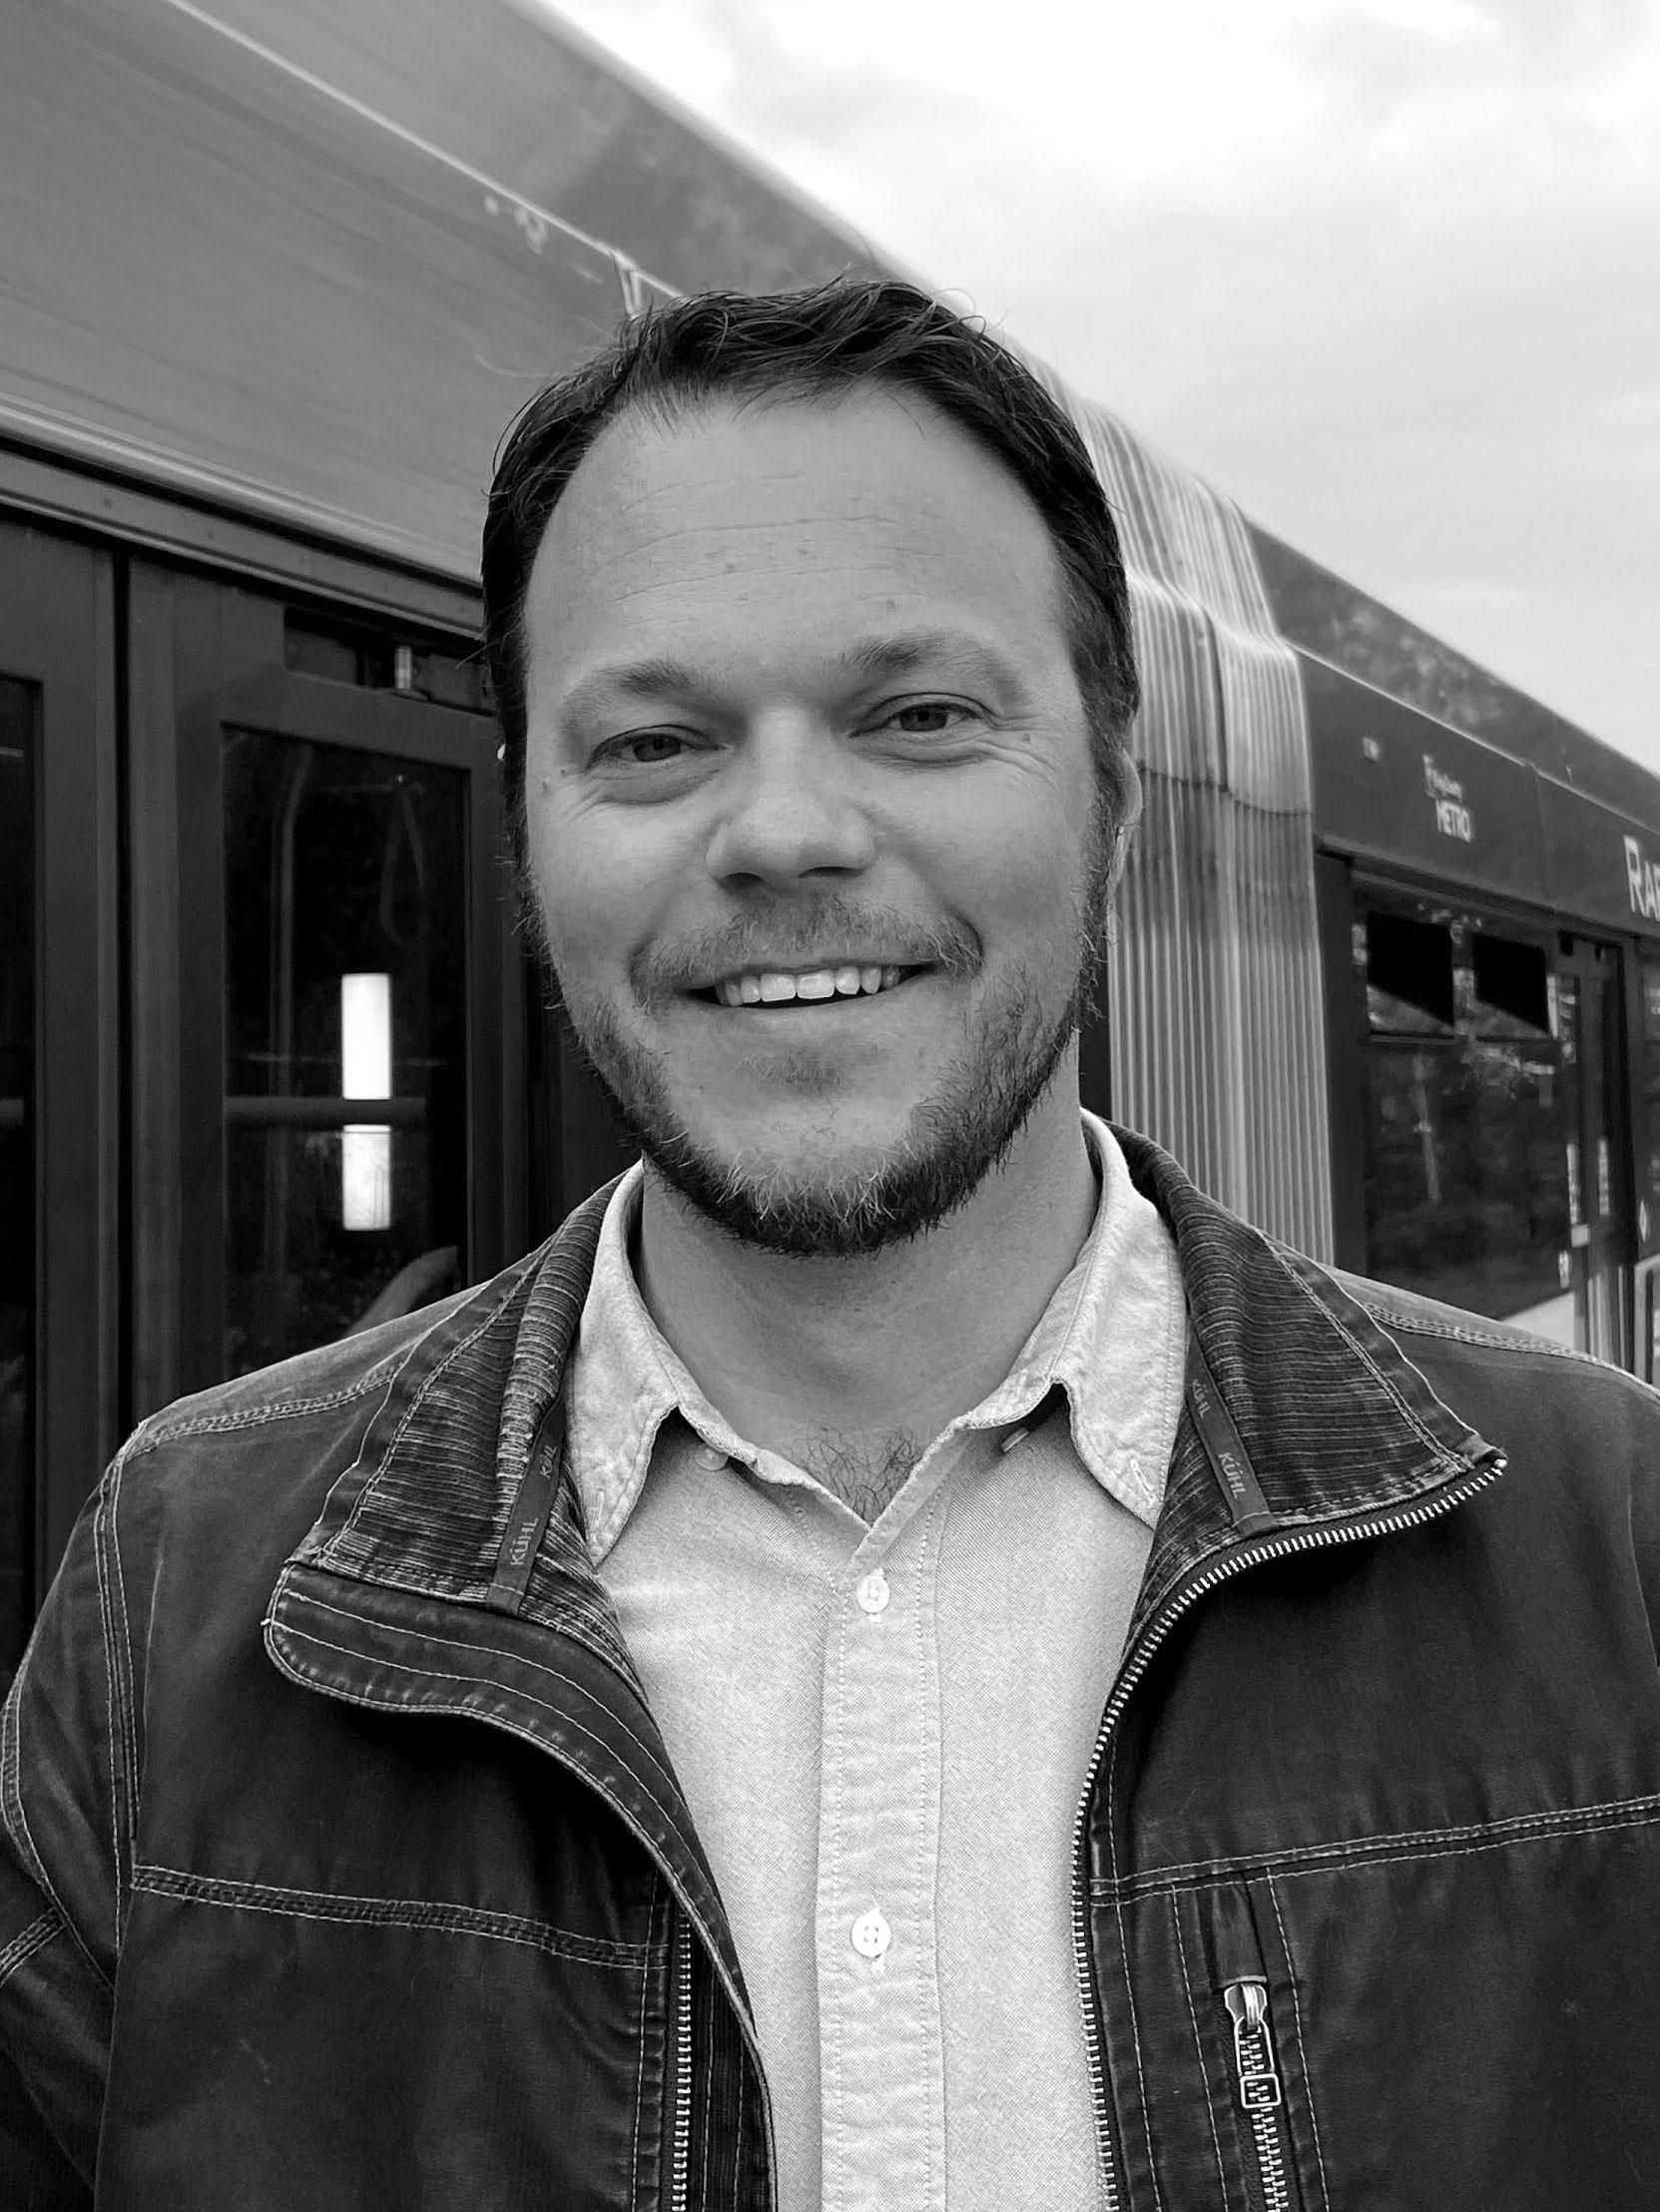 Matthew Hagen an Associate at Hinge Studio